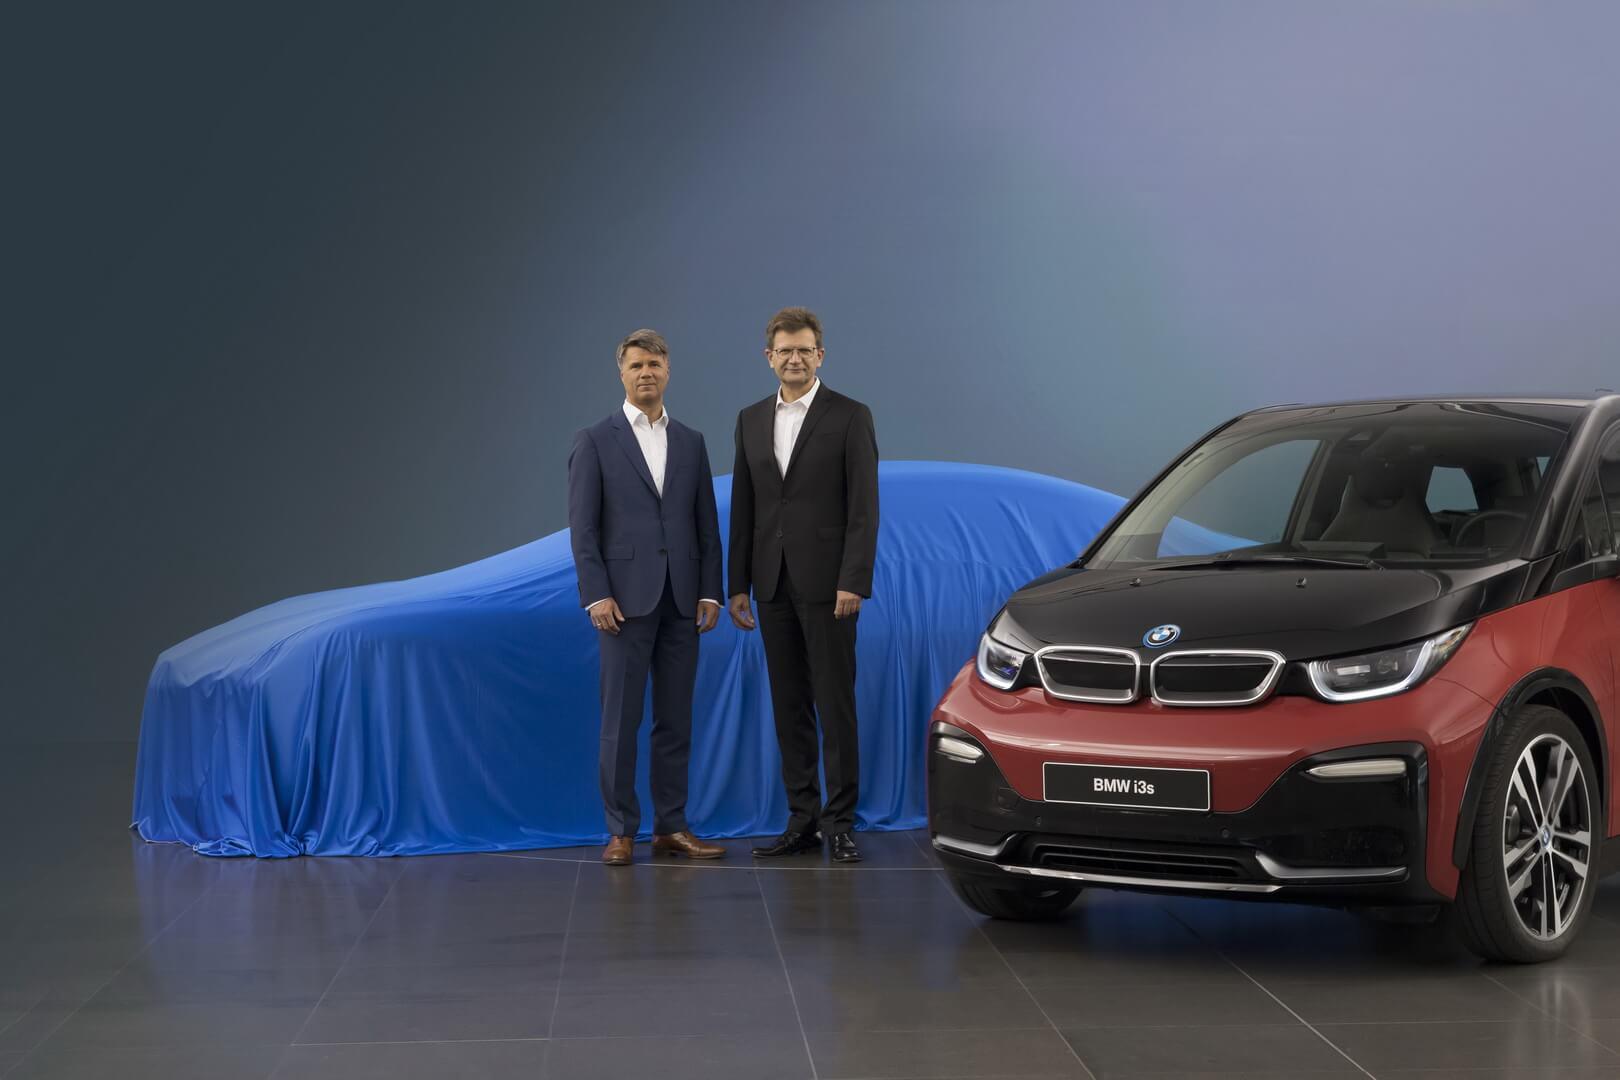 Главы BMW и BMW i3s 2018